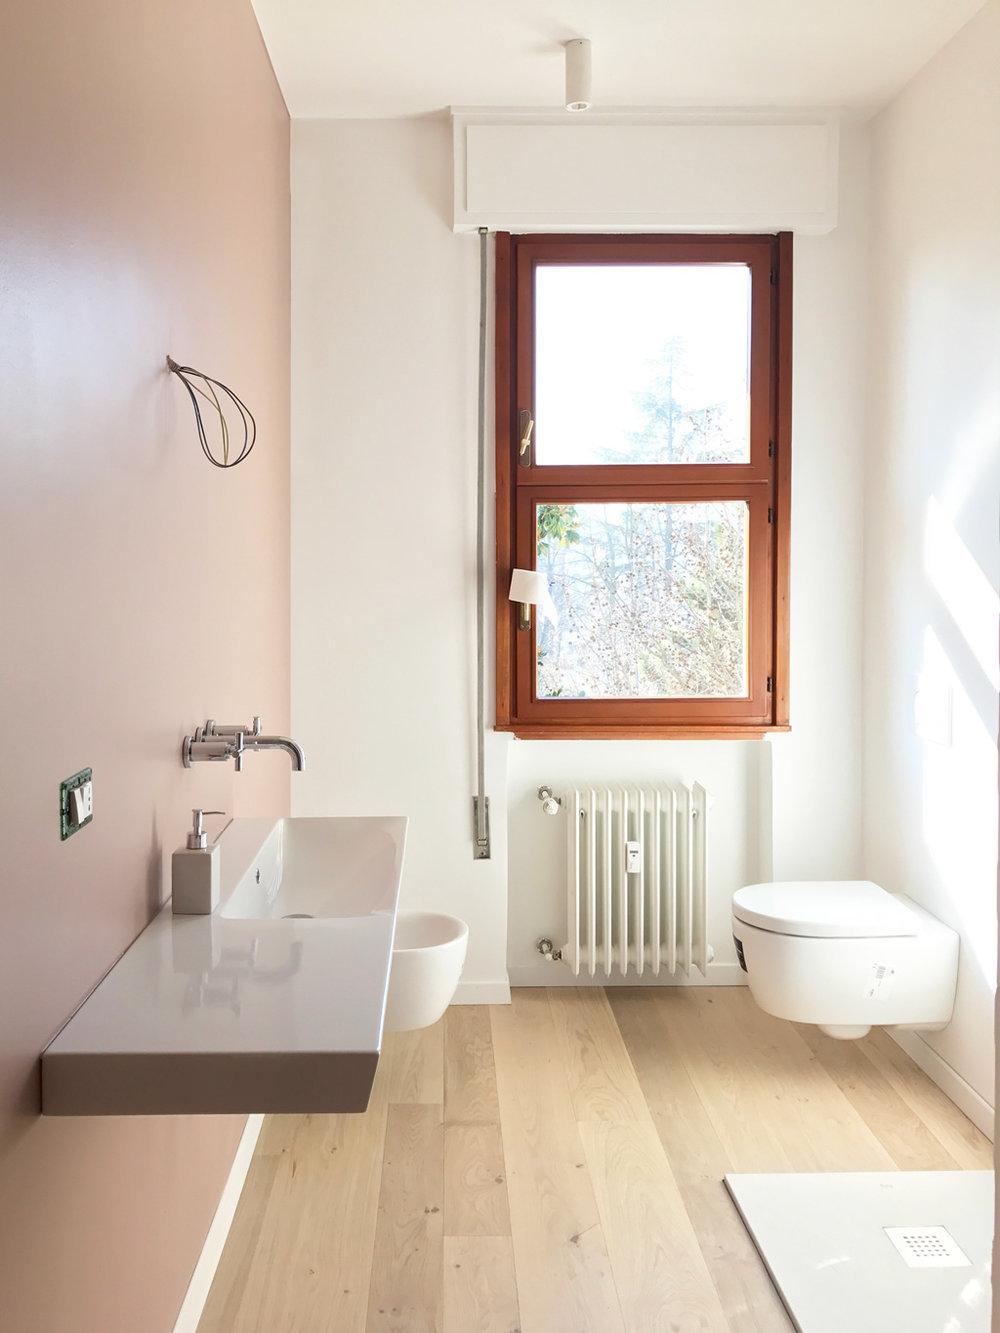 appartamento-ristrutturazione-padova-interior-design-architettura-architecture-03.jpg